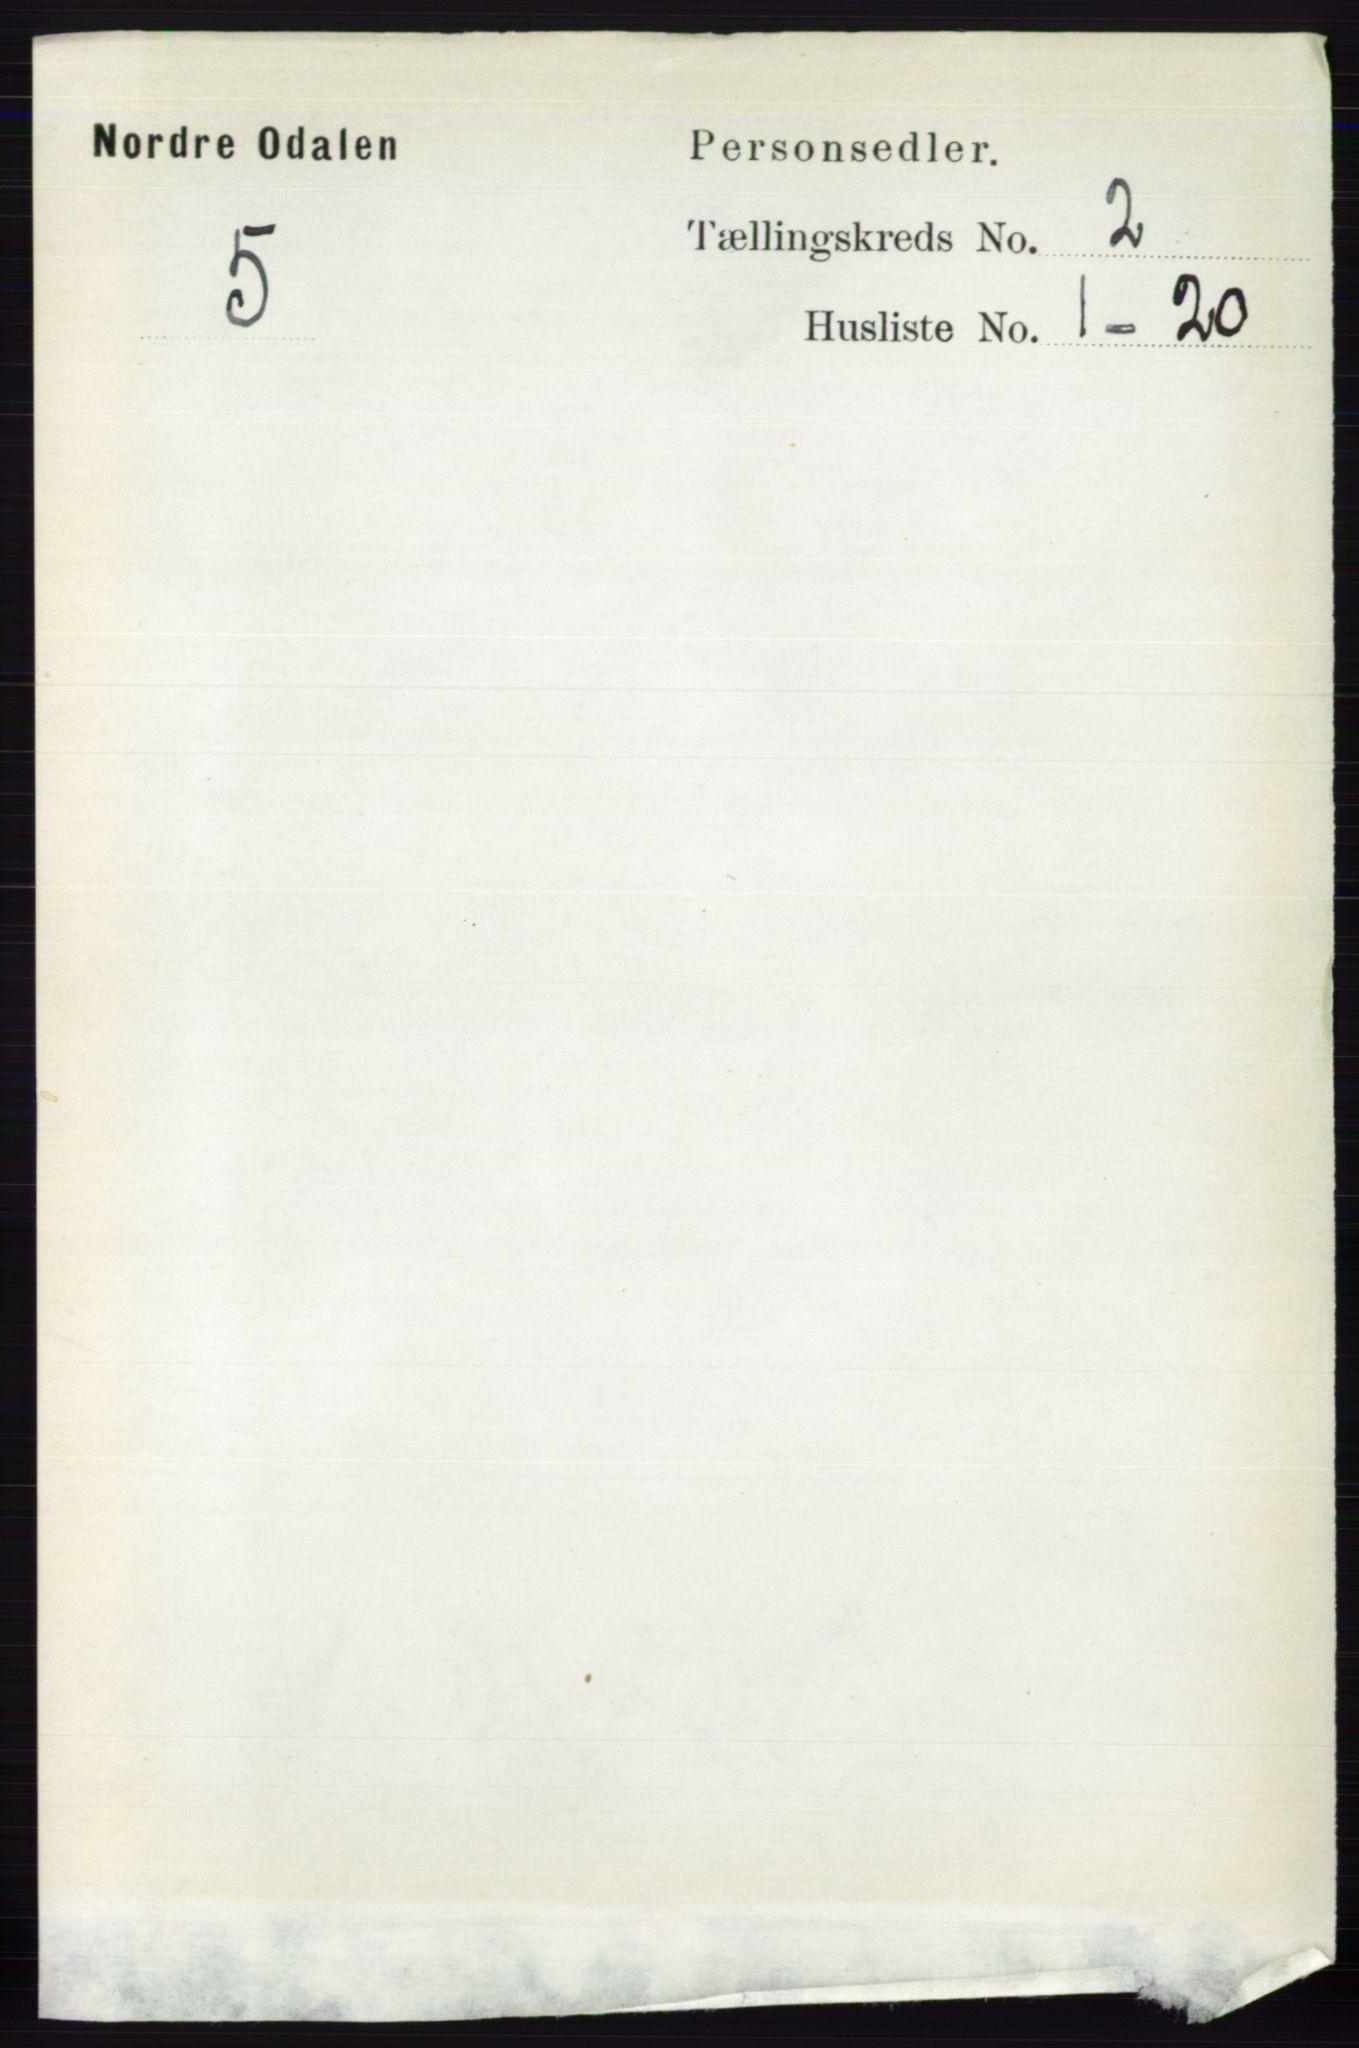 RA, Folketelling 1891 for 0418 Nord-Odal herred, 1891, s. 431